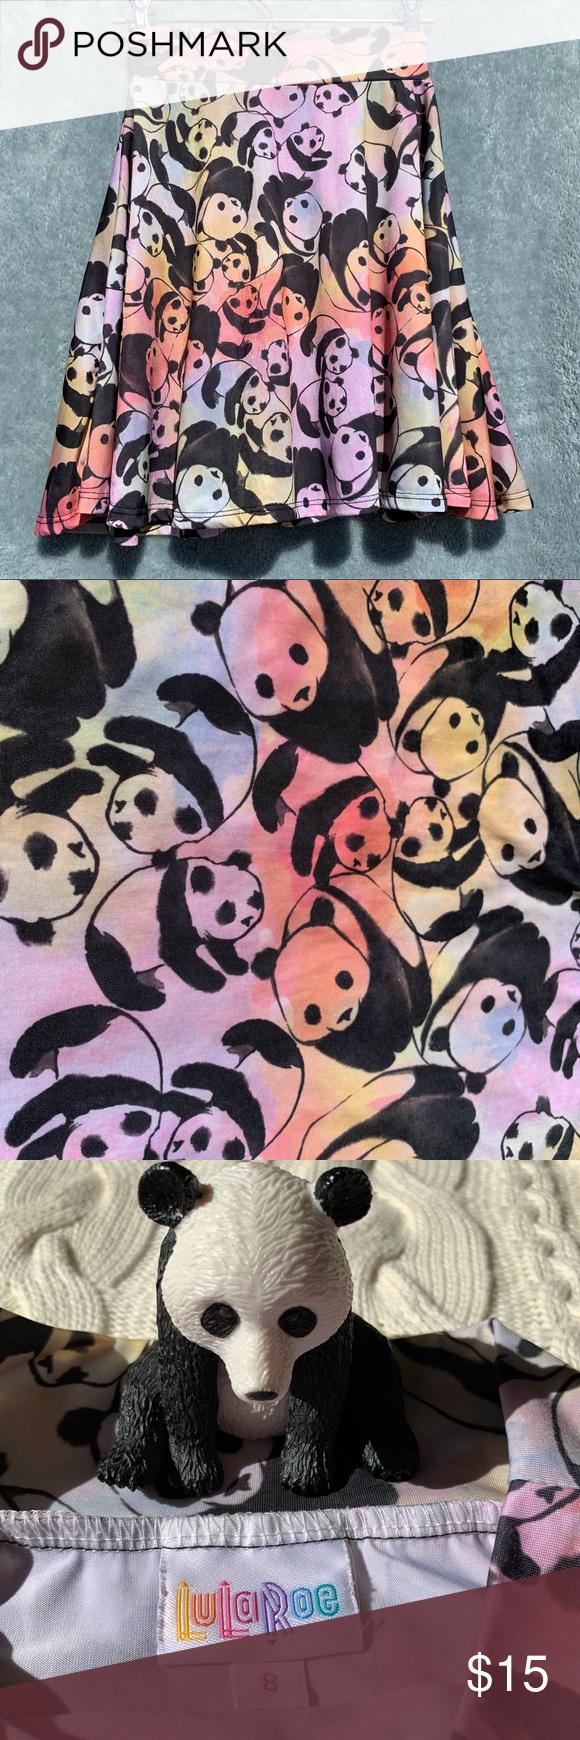 LuLaRoe Kids Size 8 Skirt Azure Panda Rainbow LuLaRoe Kids Skirt Size 8 Good used condition, no wash... - #azure #lularoe #panda #rainbow #skirt - #RainbowClothes